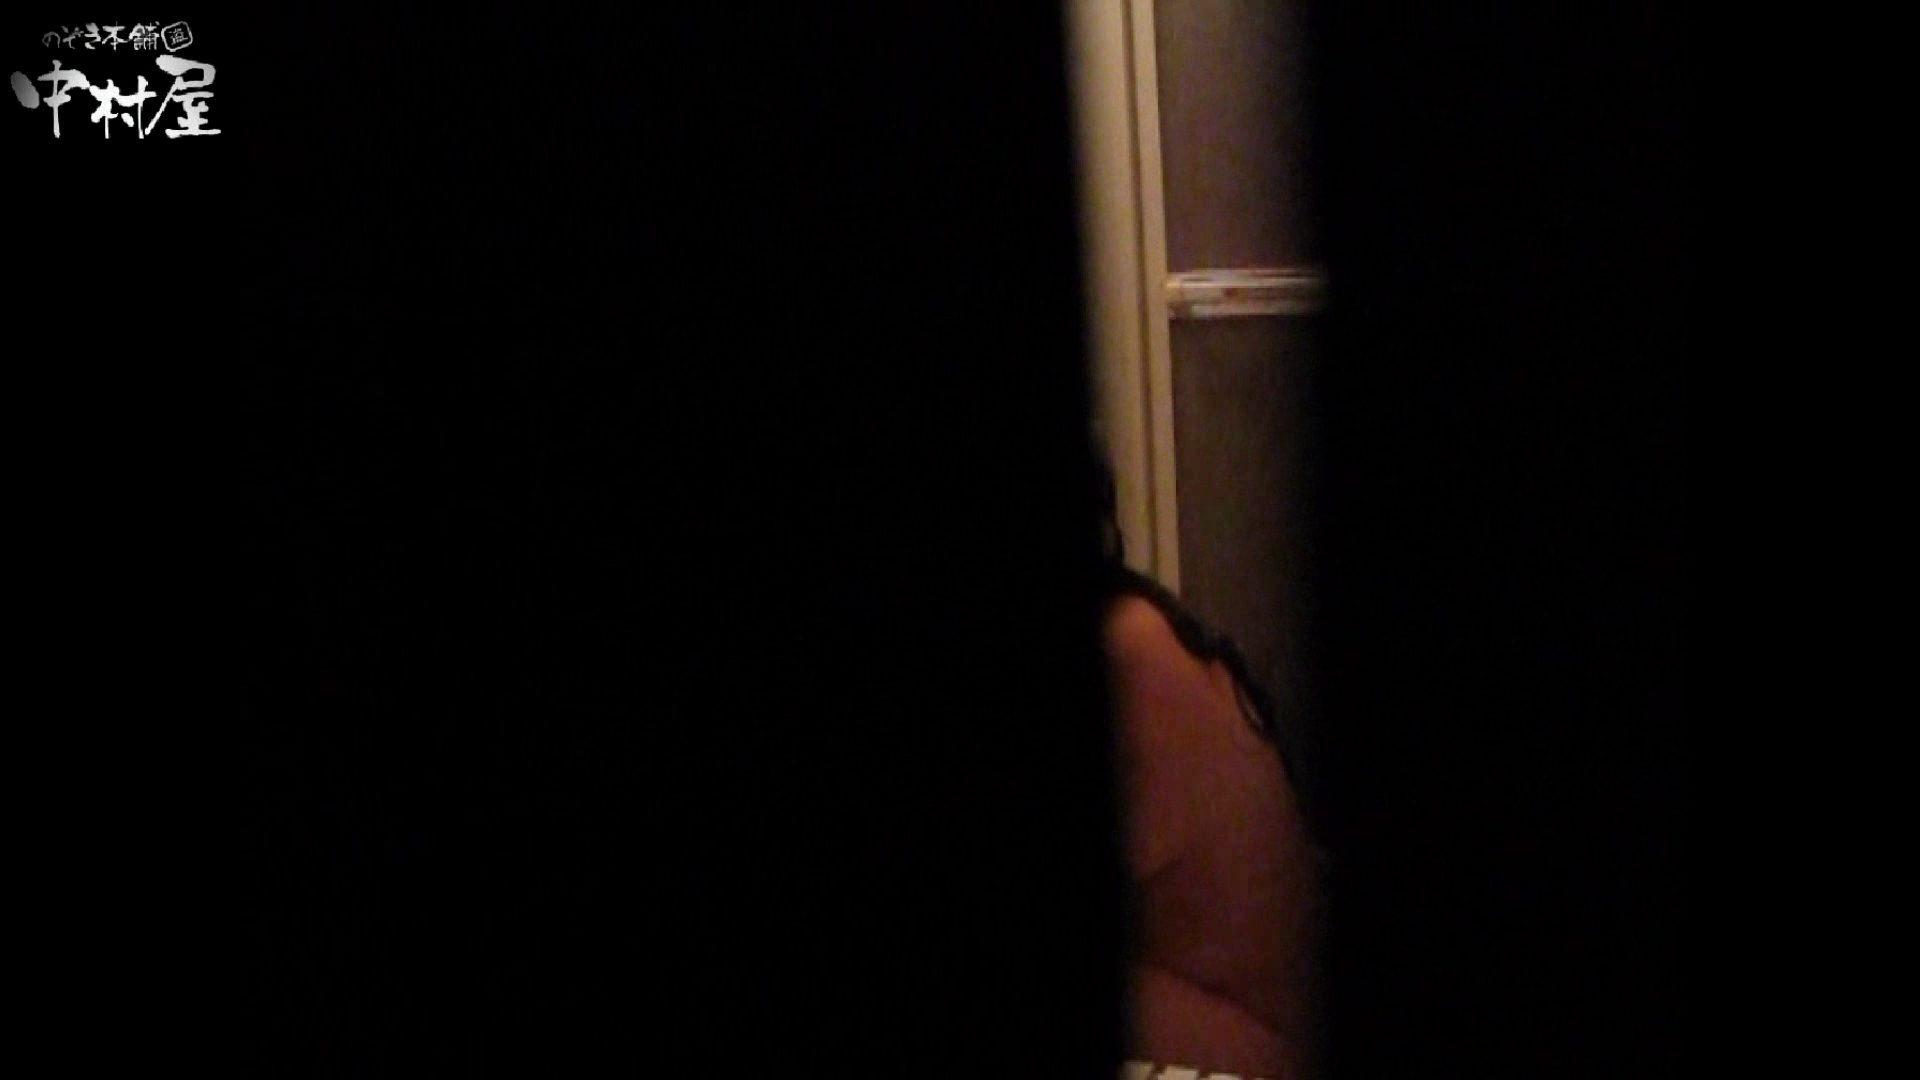 民家風呂専門盗撮師の超危険映像 vol.004 美女まとめ 盗撮画像 89PIX 38